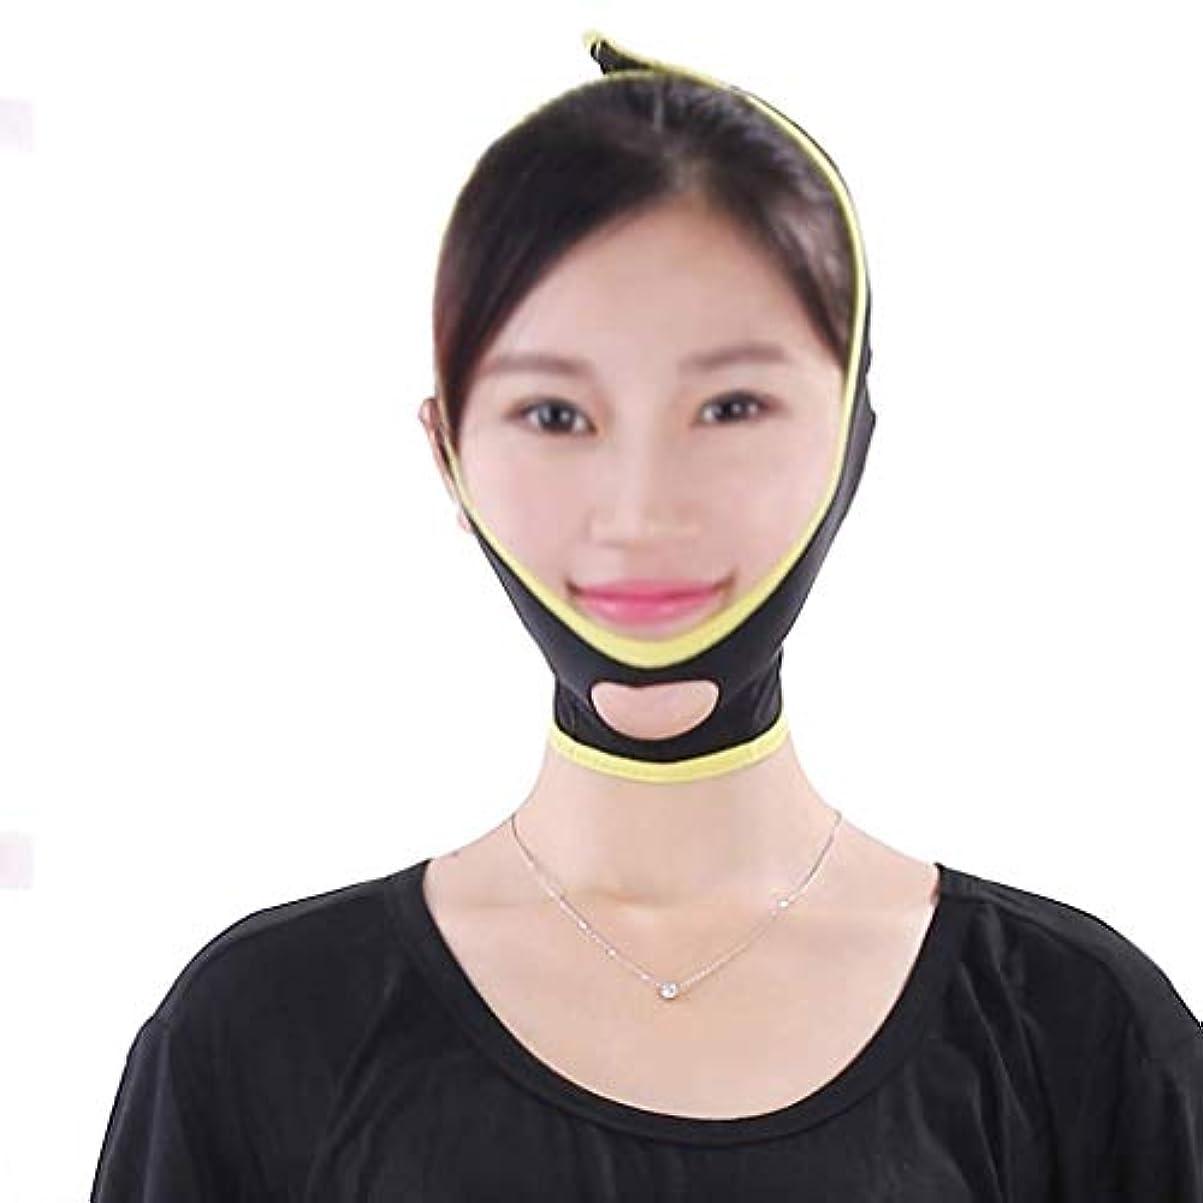 ラップトップ首パワー顔のマスク、男性と女性の顔リフティングアーティファクト包帯美容リフティング引き締めサイズV顔ダブルチン睡眠マスク埋め込みシルク彫刻Slim身ベルト(サイズ:M)